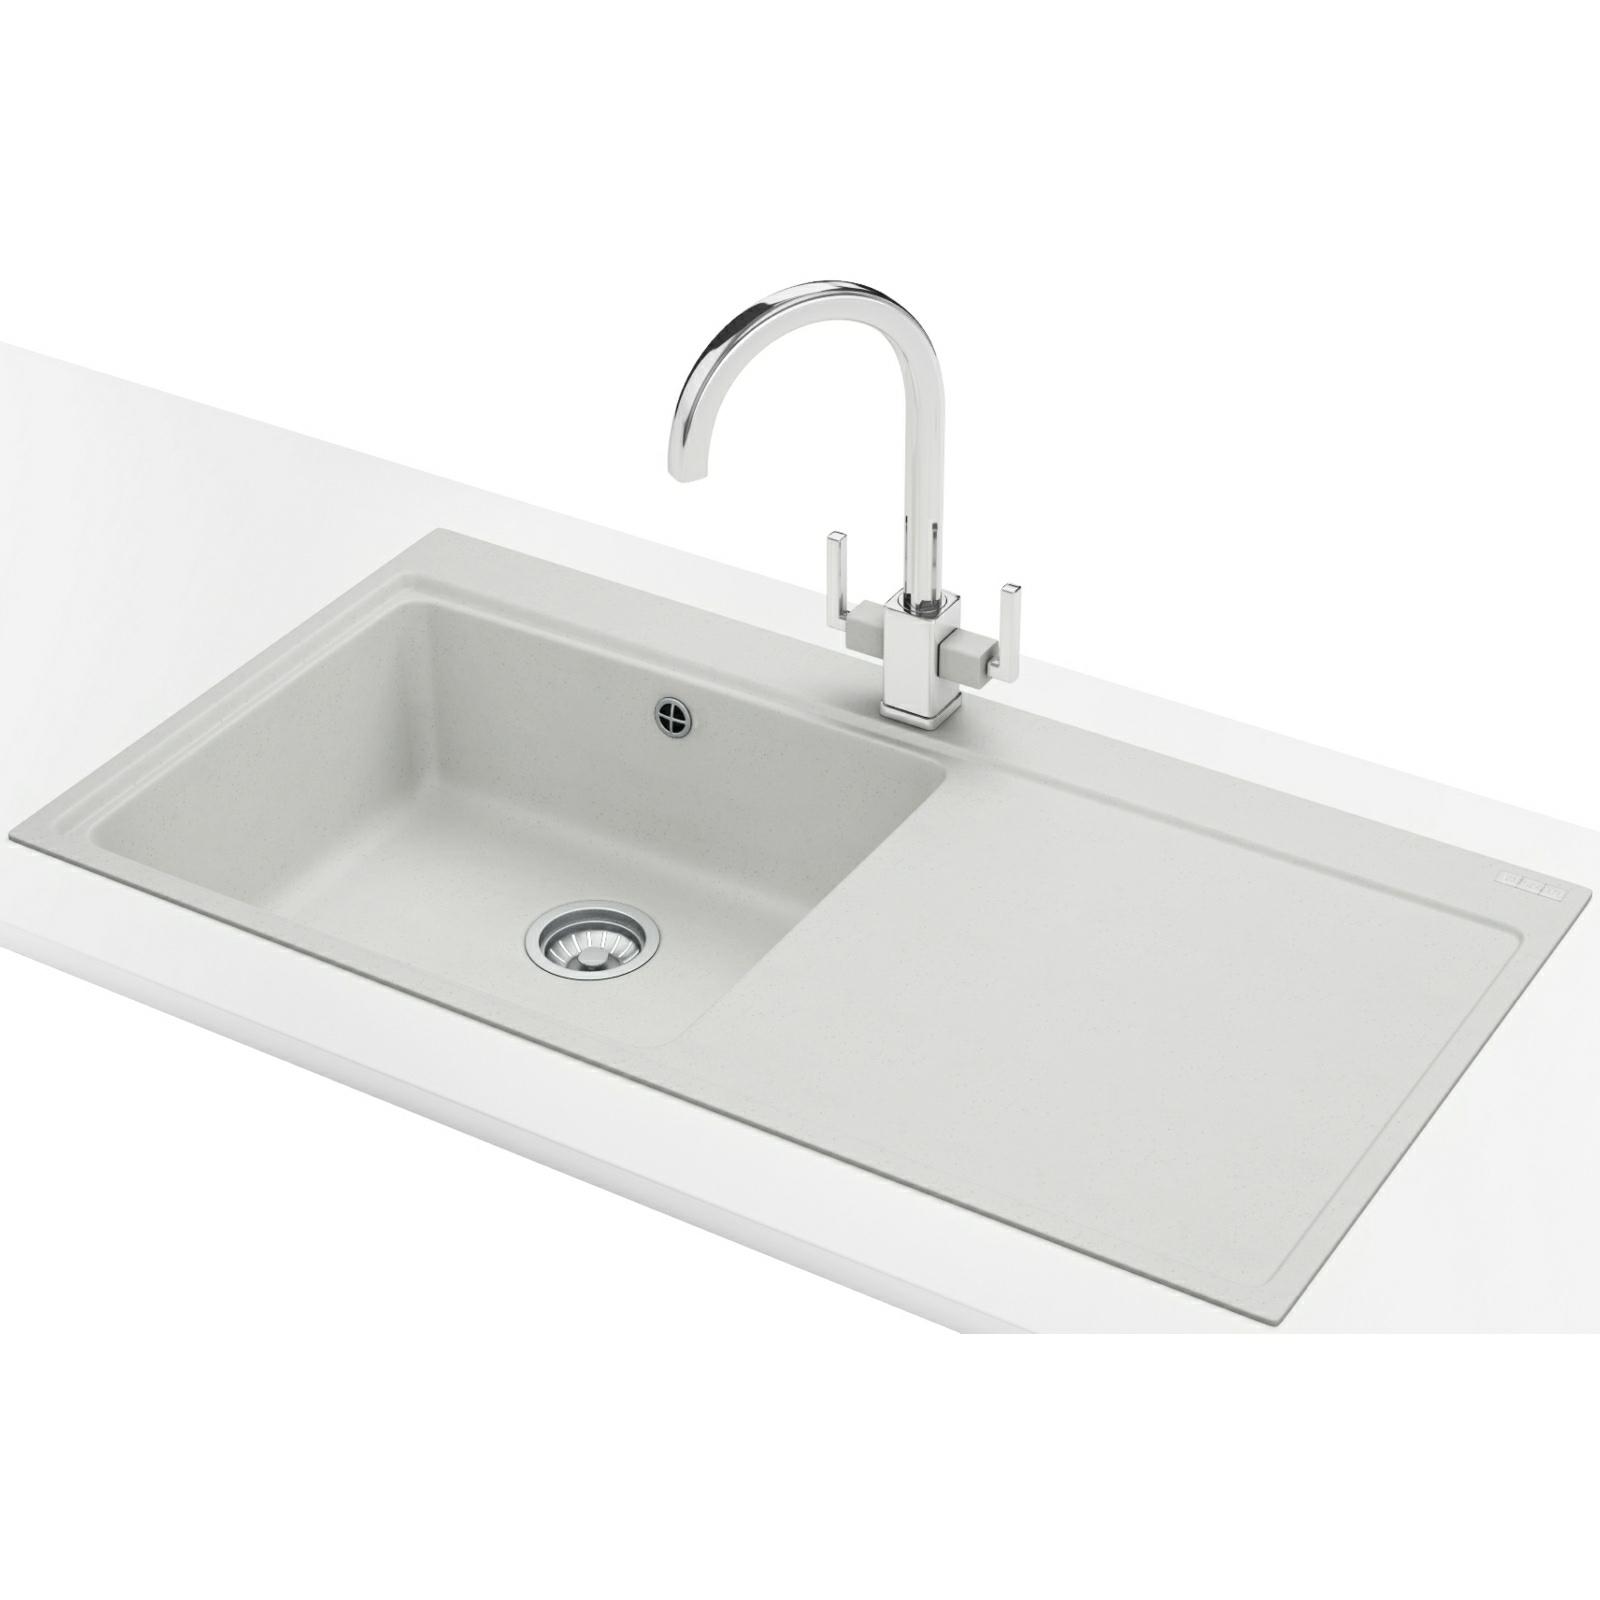 Franke Fragranite Sink Review : Franke Mythos MTG 611 DP - Fragranite Polar White Right Drainer Sink ...